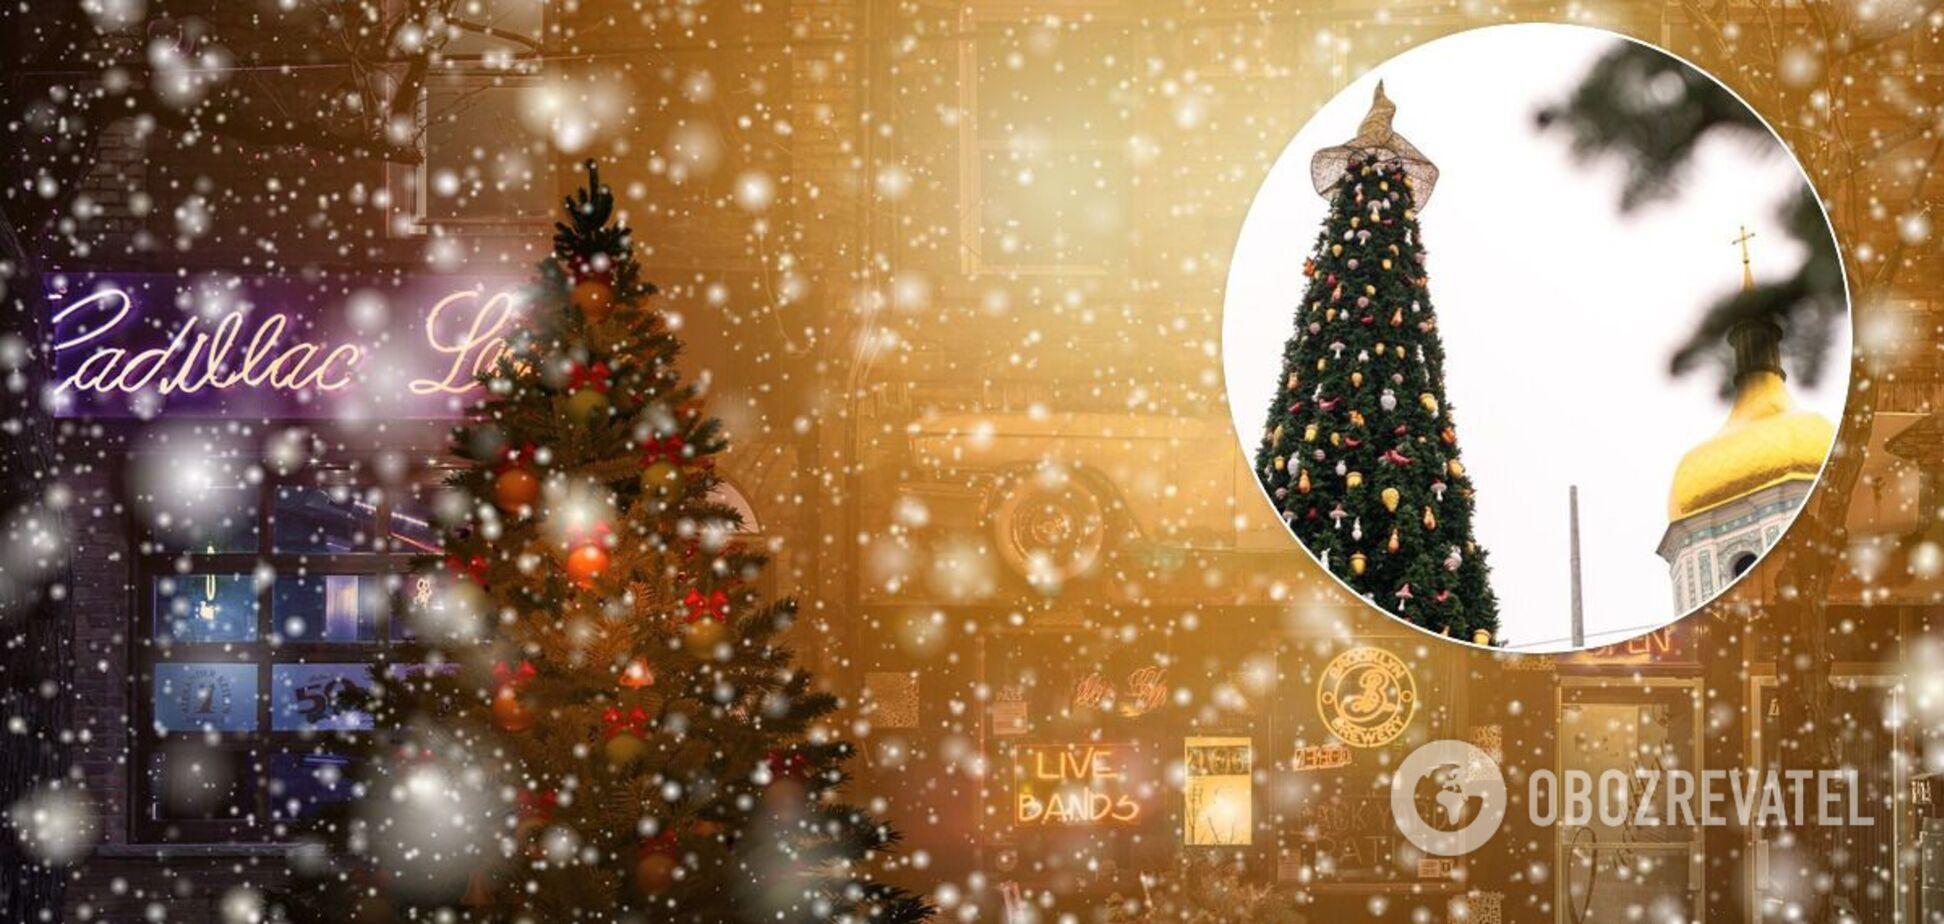 В Киеве к празднику будет три новогодние елки